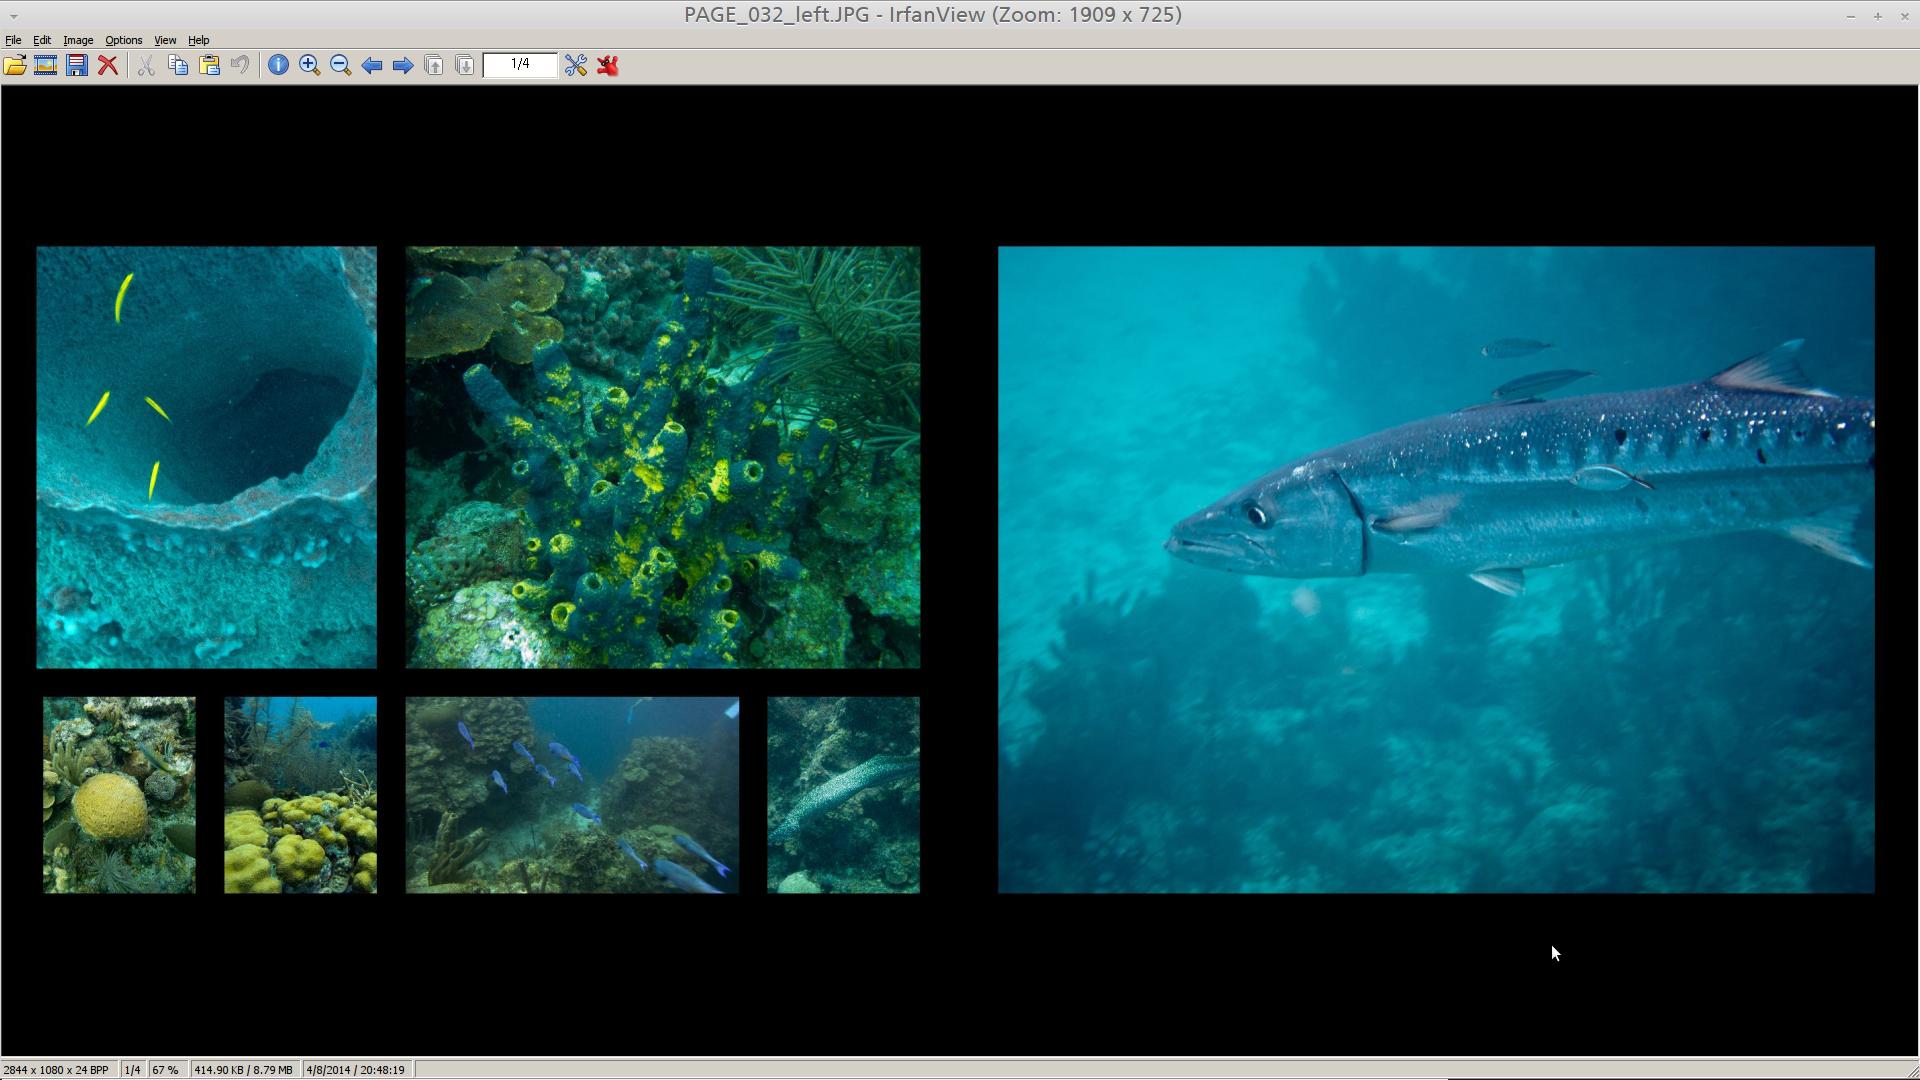 Sample result page rendered as .jpg